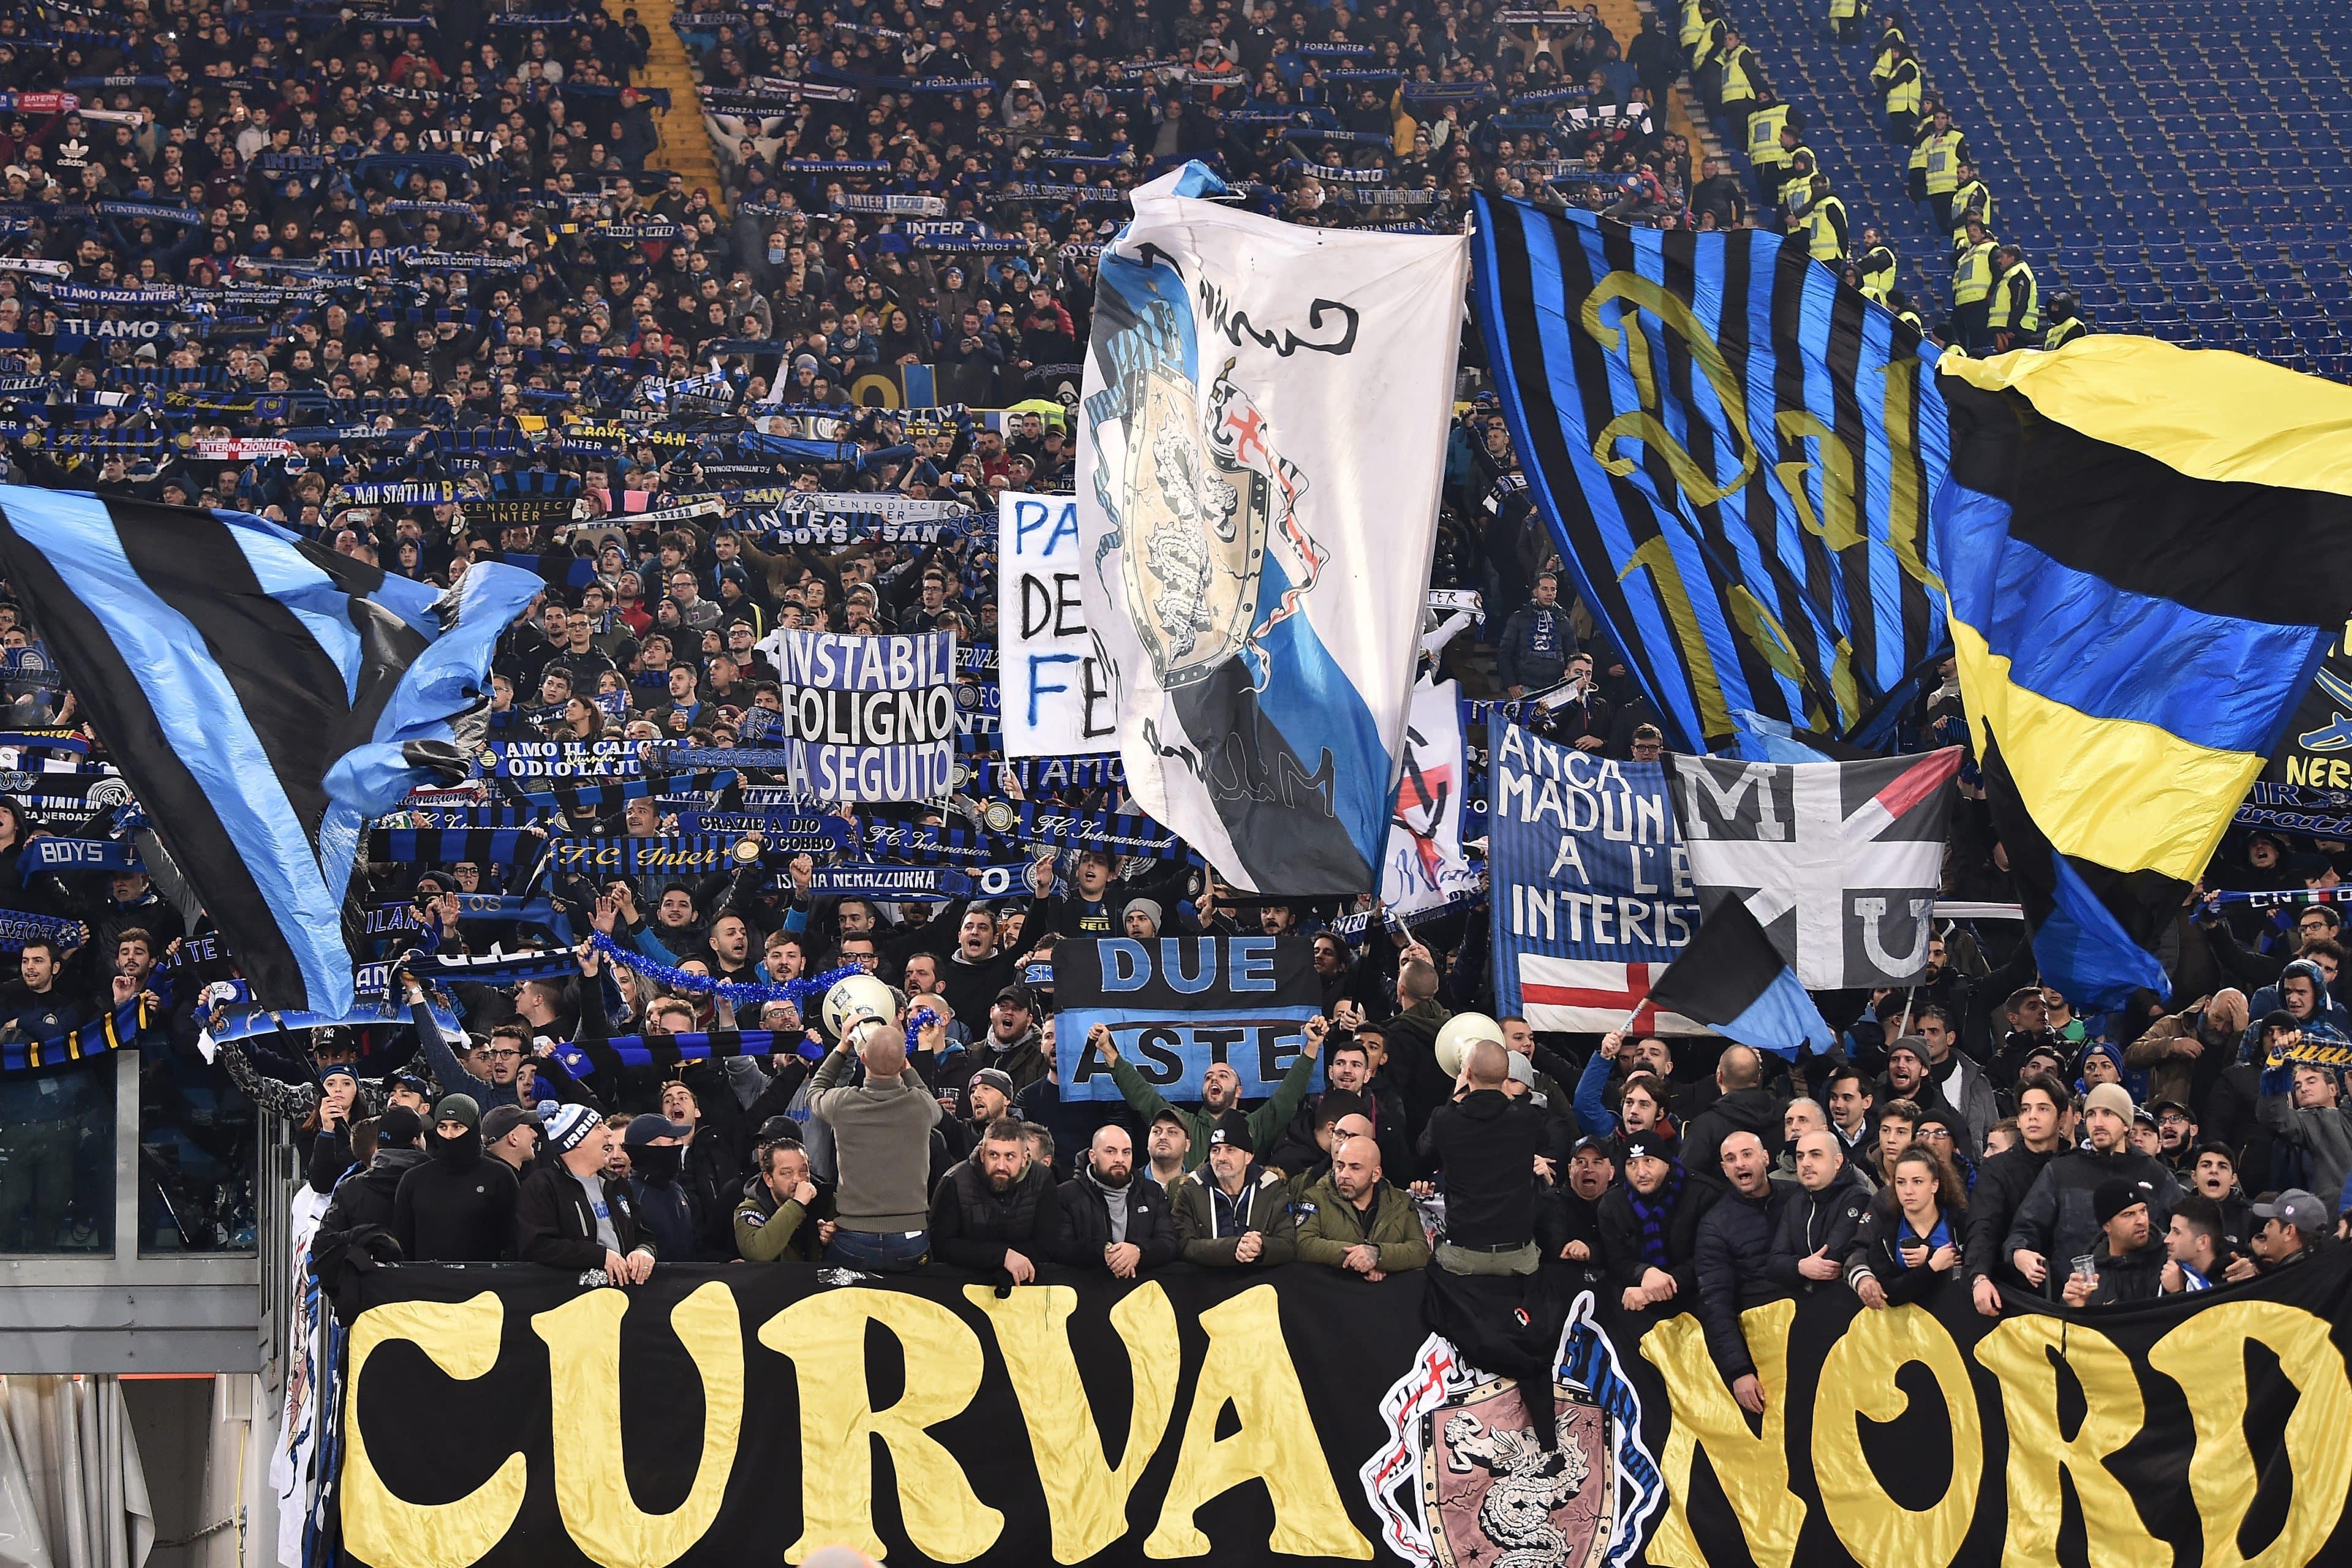 """Questore di Milano: """"Chiusura curva Inter sino al 31 marzo"""